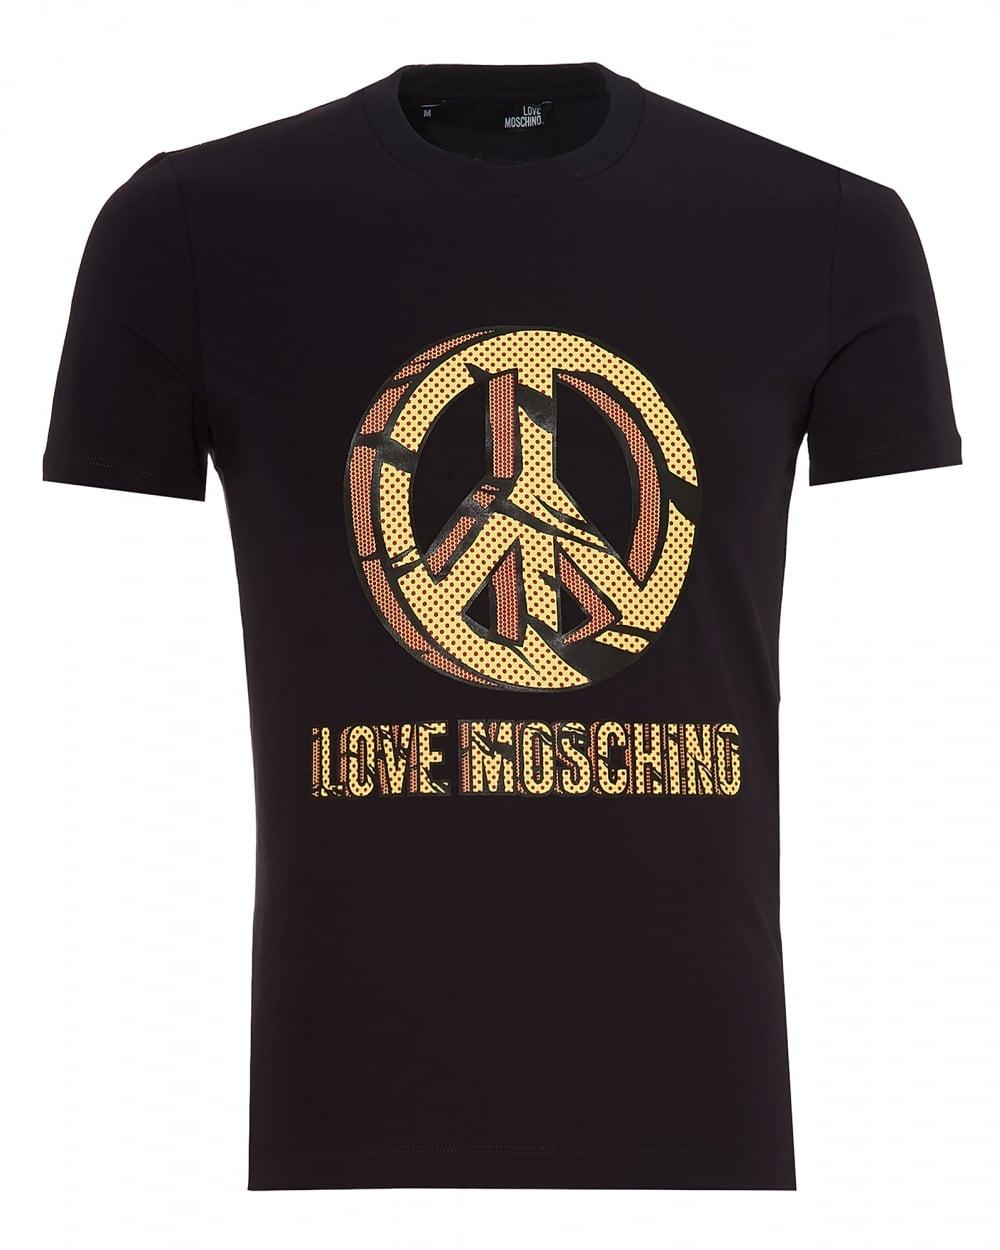 3d t shirt logo